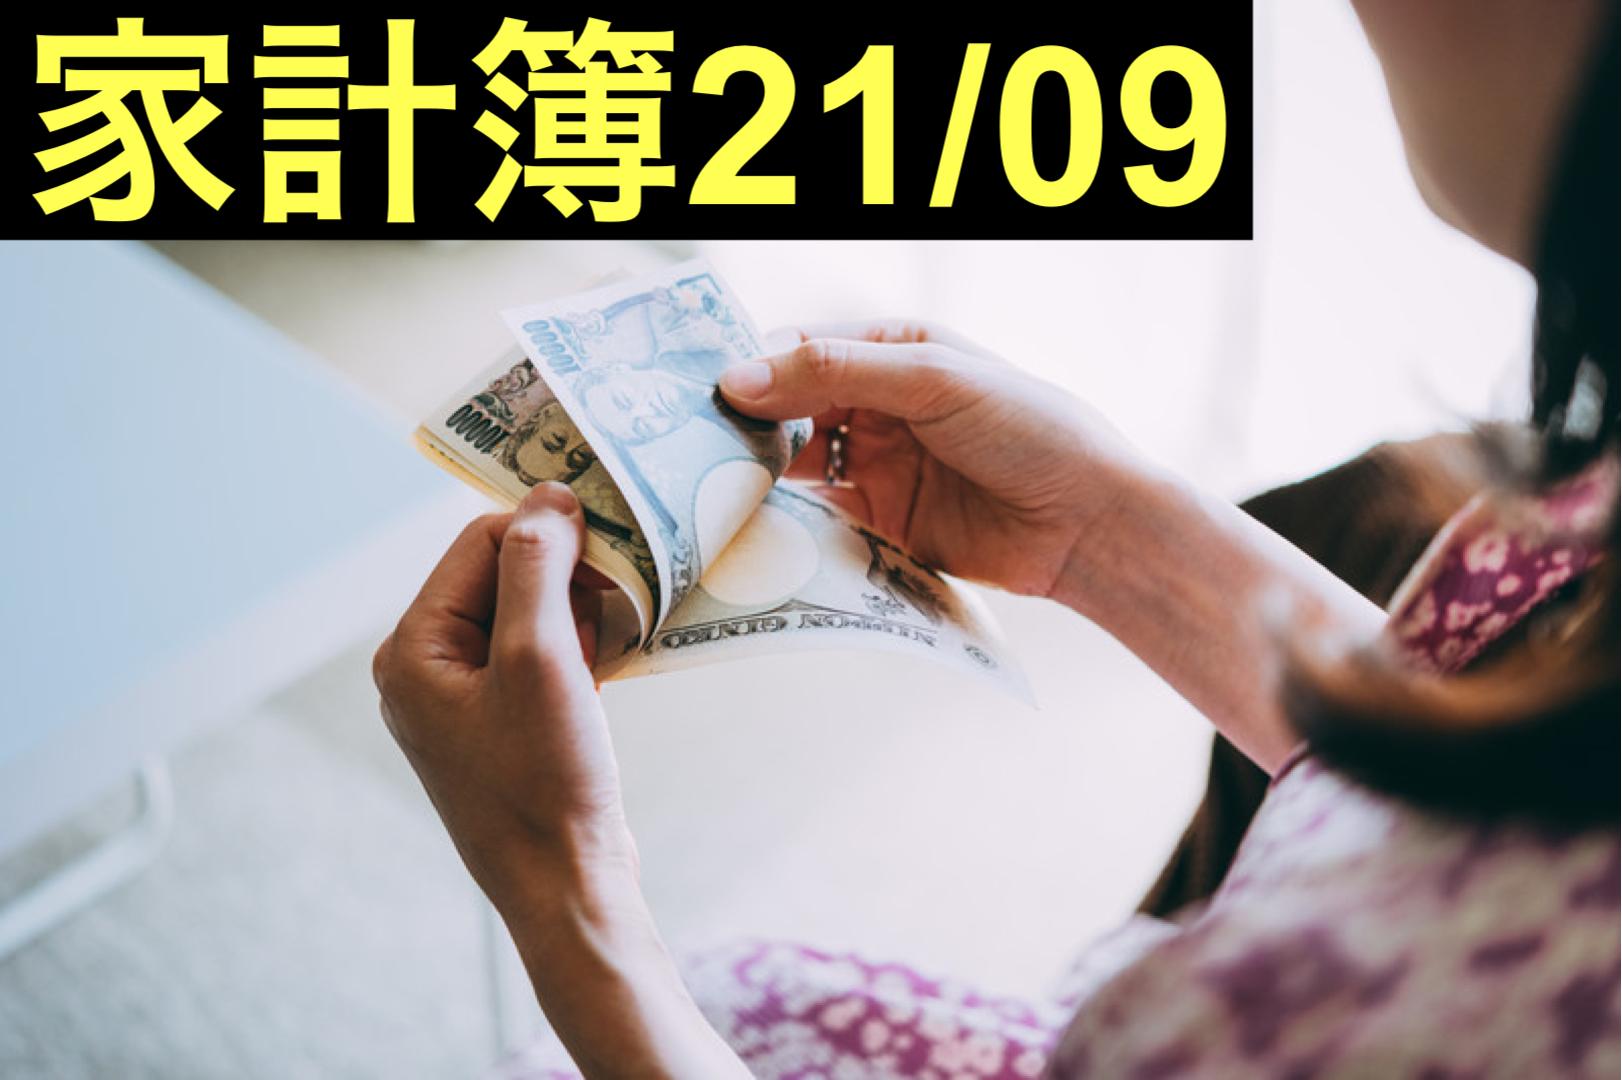 【30代】家計簿公開・21年09月【1人暮らし】